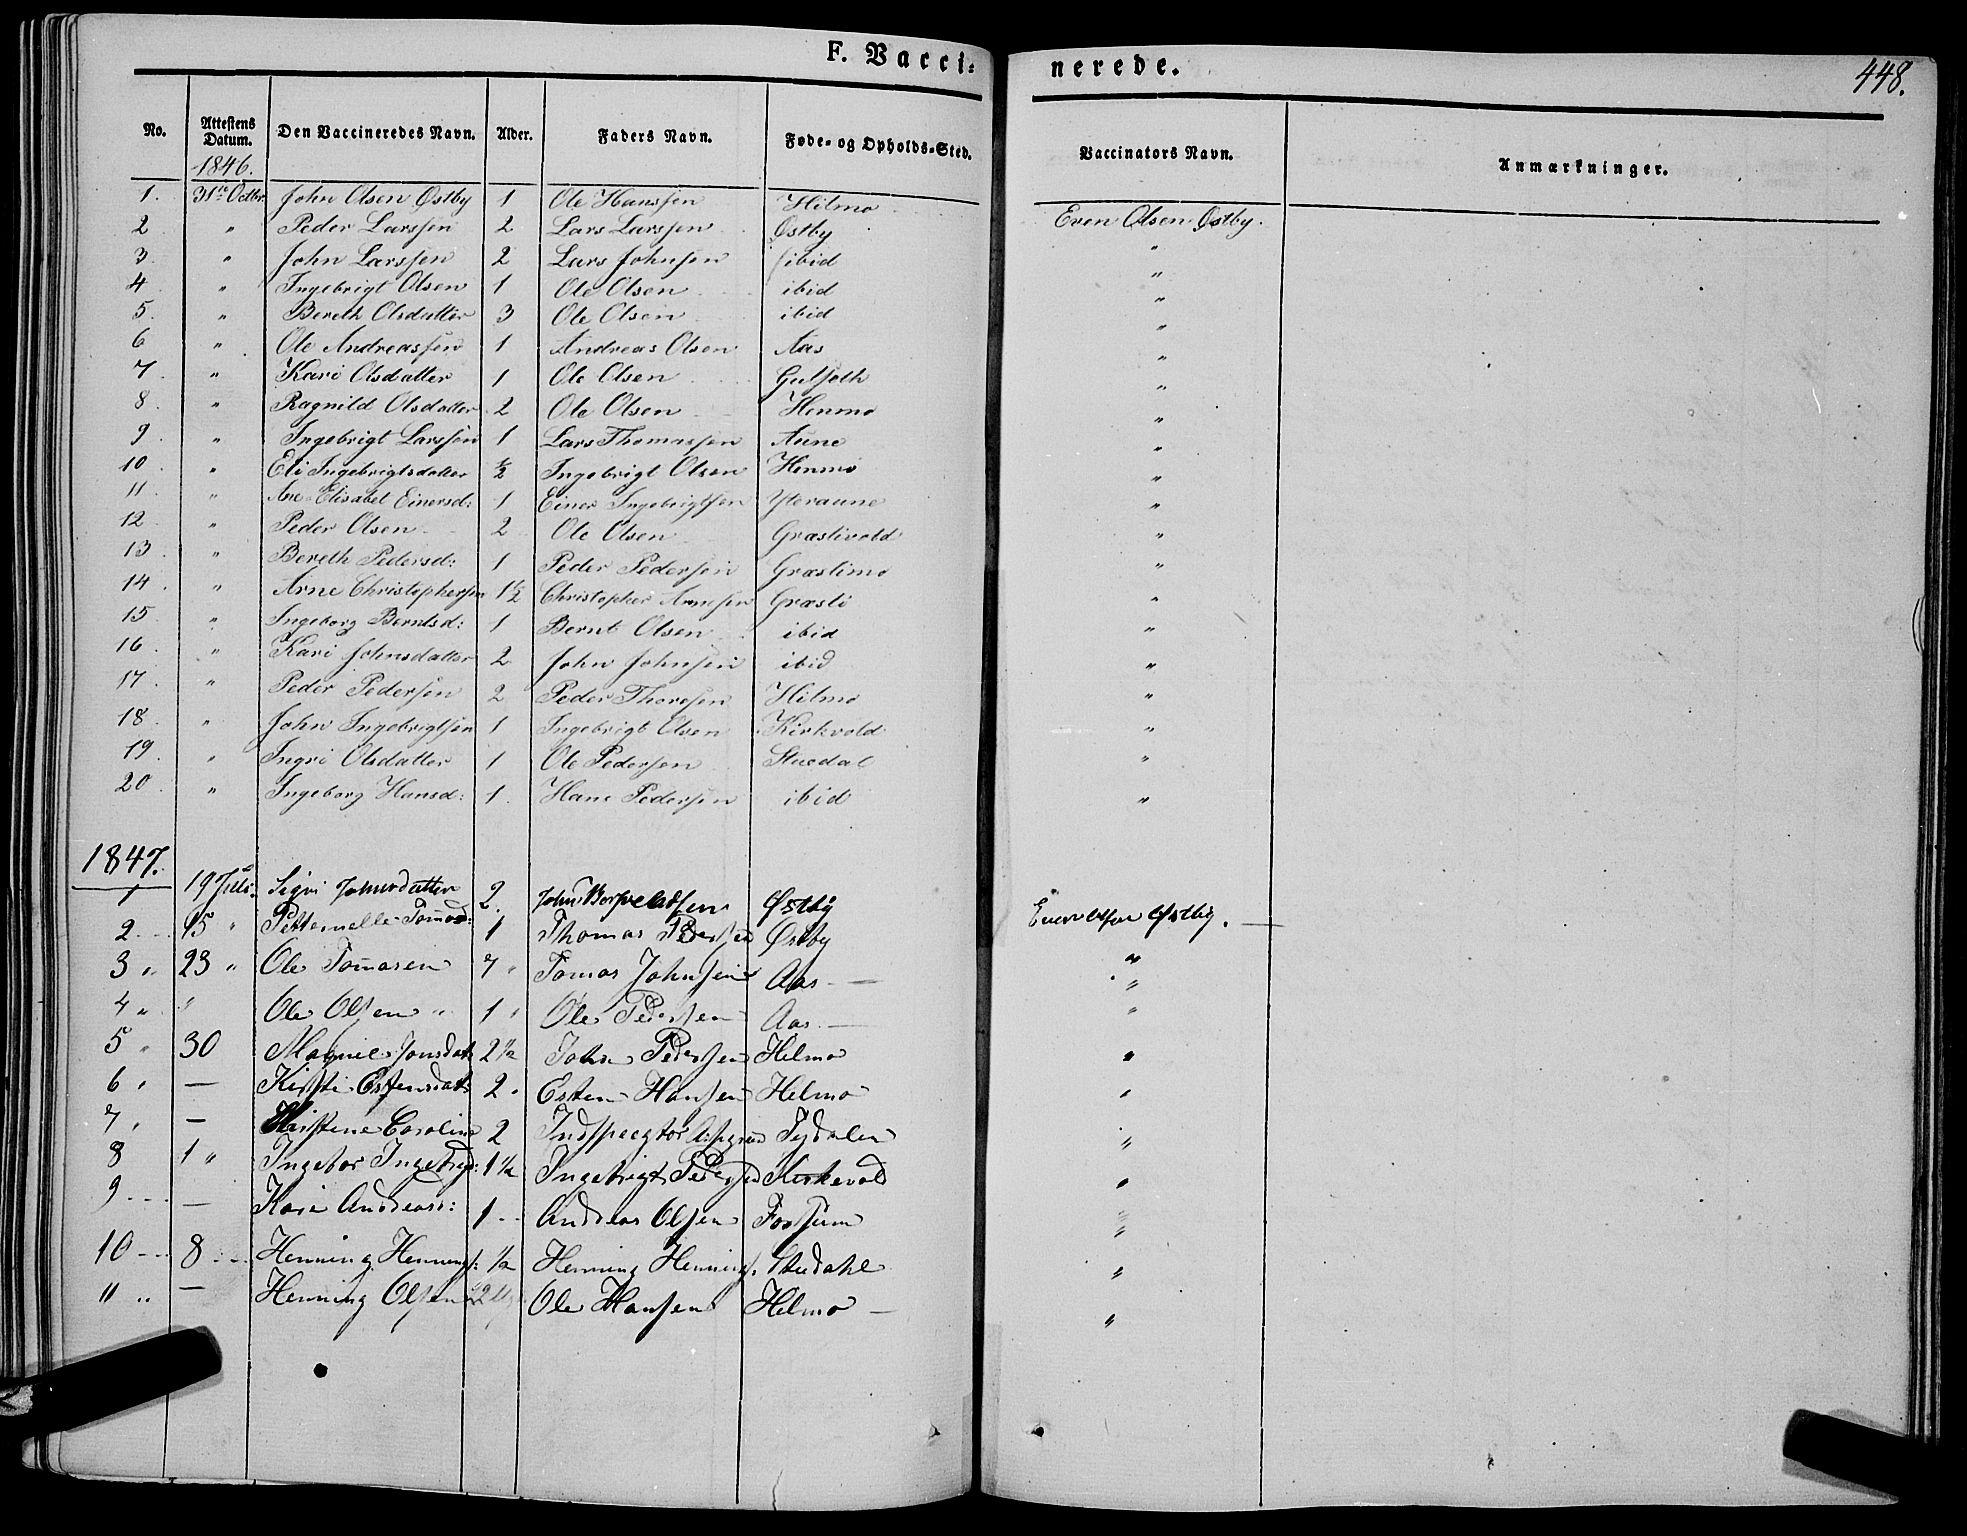 SAT, Ministerialprotokoller, klokkerbøker og fødselsregistre - Sør-Trøndelag, 695/L1145: Ministerialbok nr. 695A06 /1, 1843-1859, s. 448